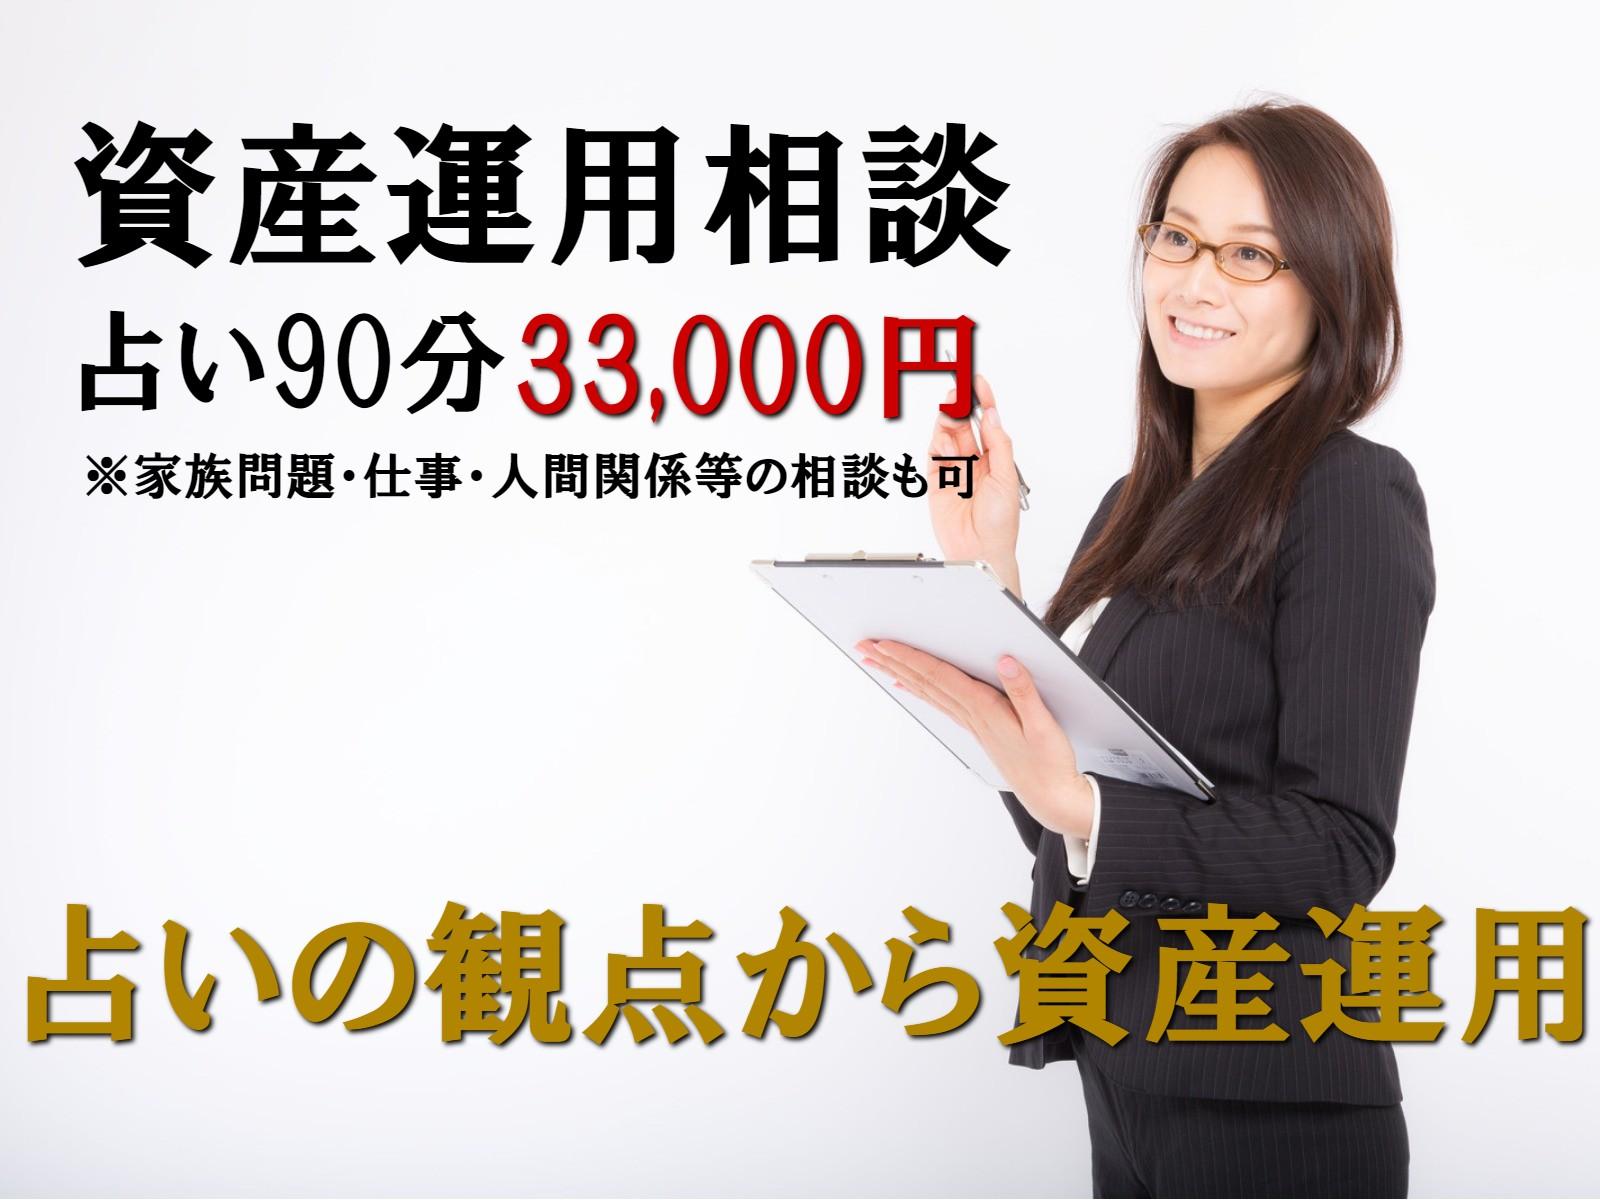 資産運用占いなら占い館BCAFE(ビーカフェ)渋谷店にお任せ!個人情報を守る完全個室にて、占いを活用しアナタの性格・運勢を分析しアナタの大切な資産運用の徹底アドバイスをしていきます。